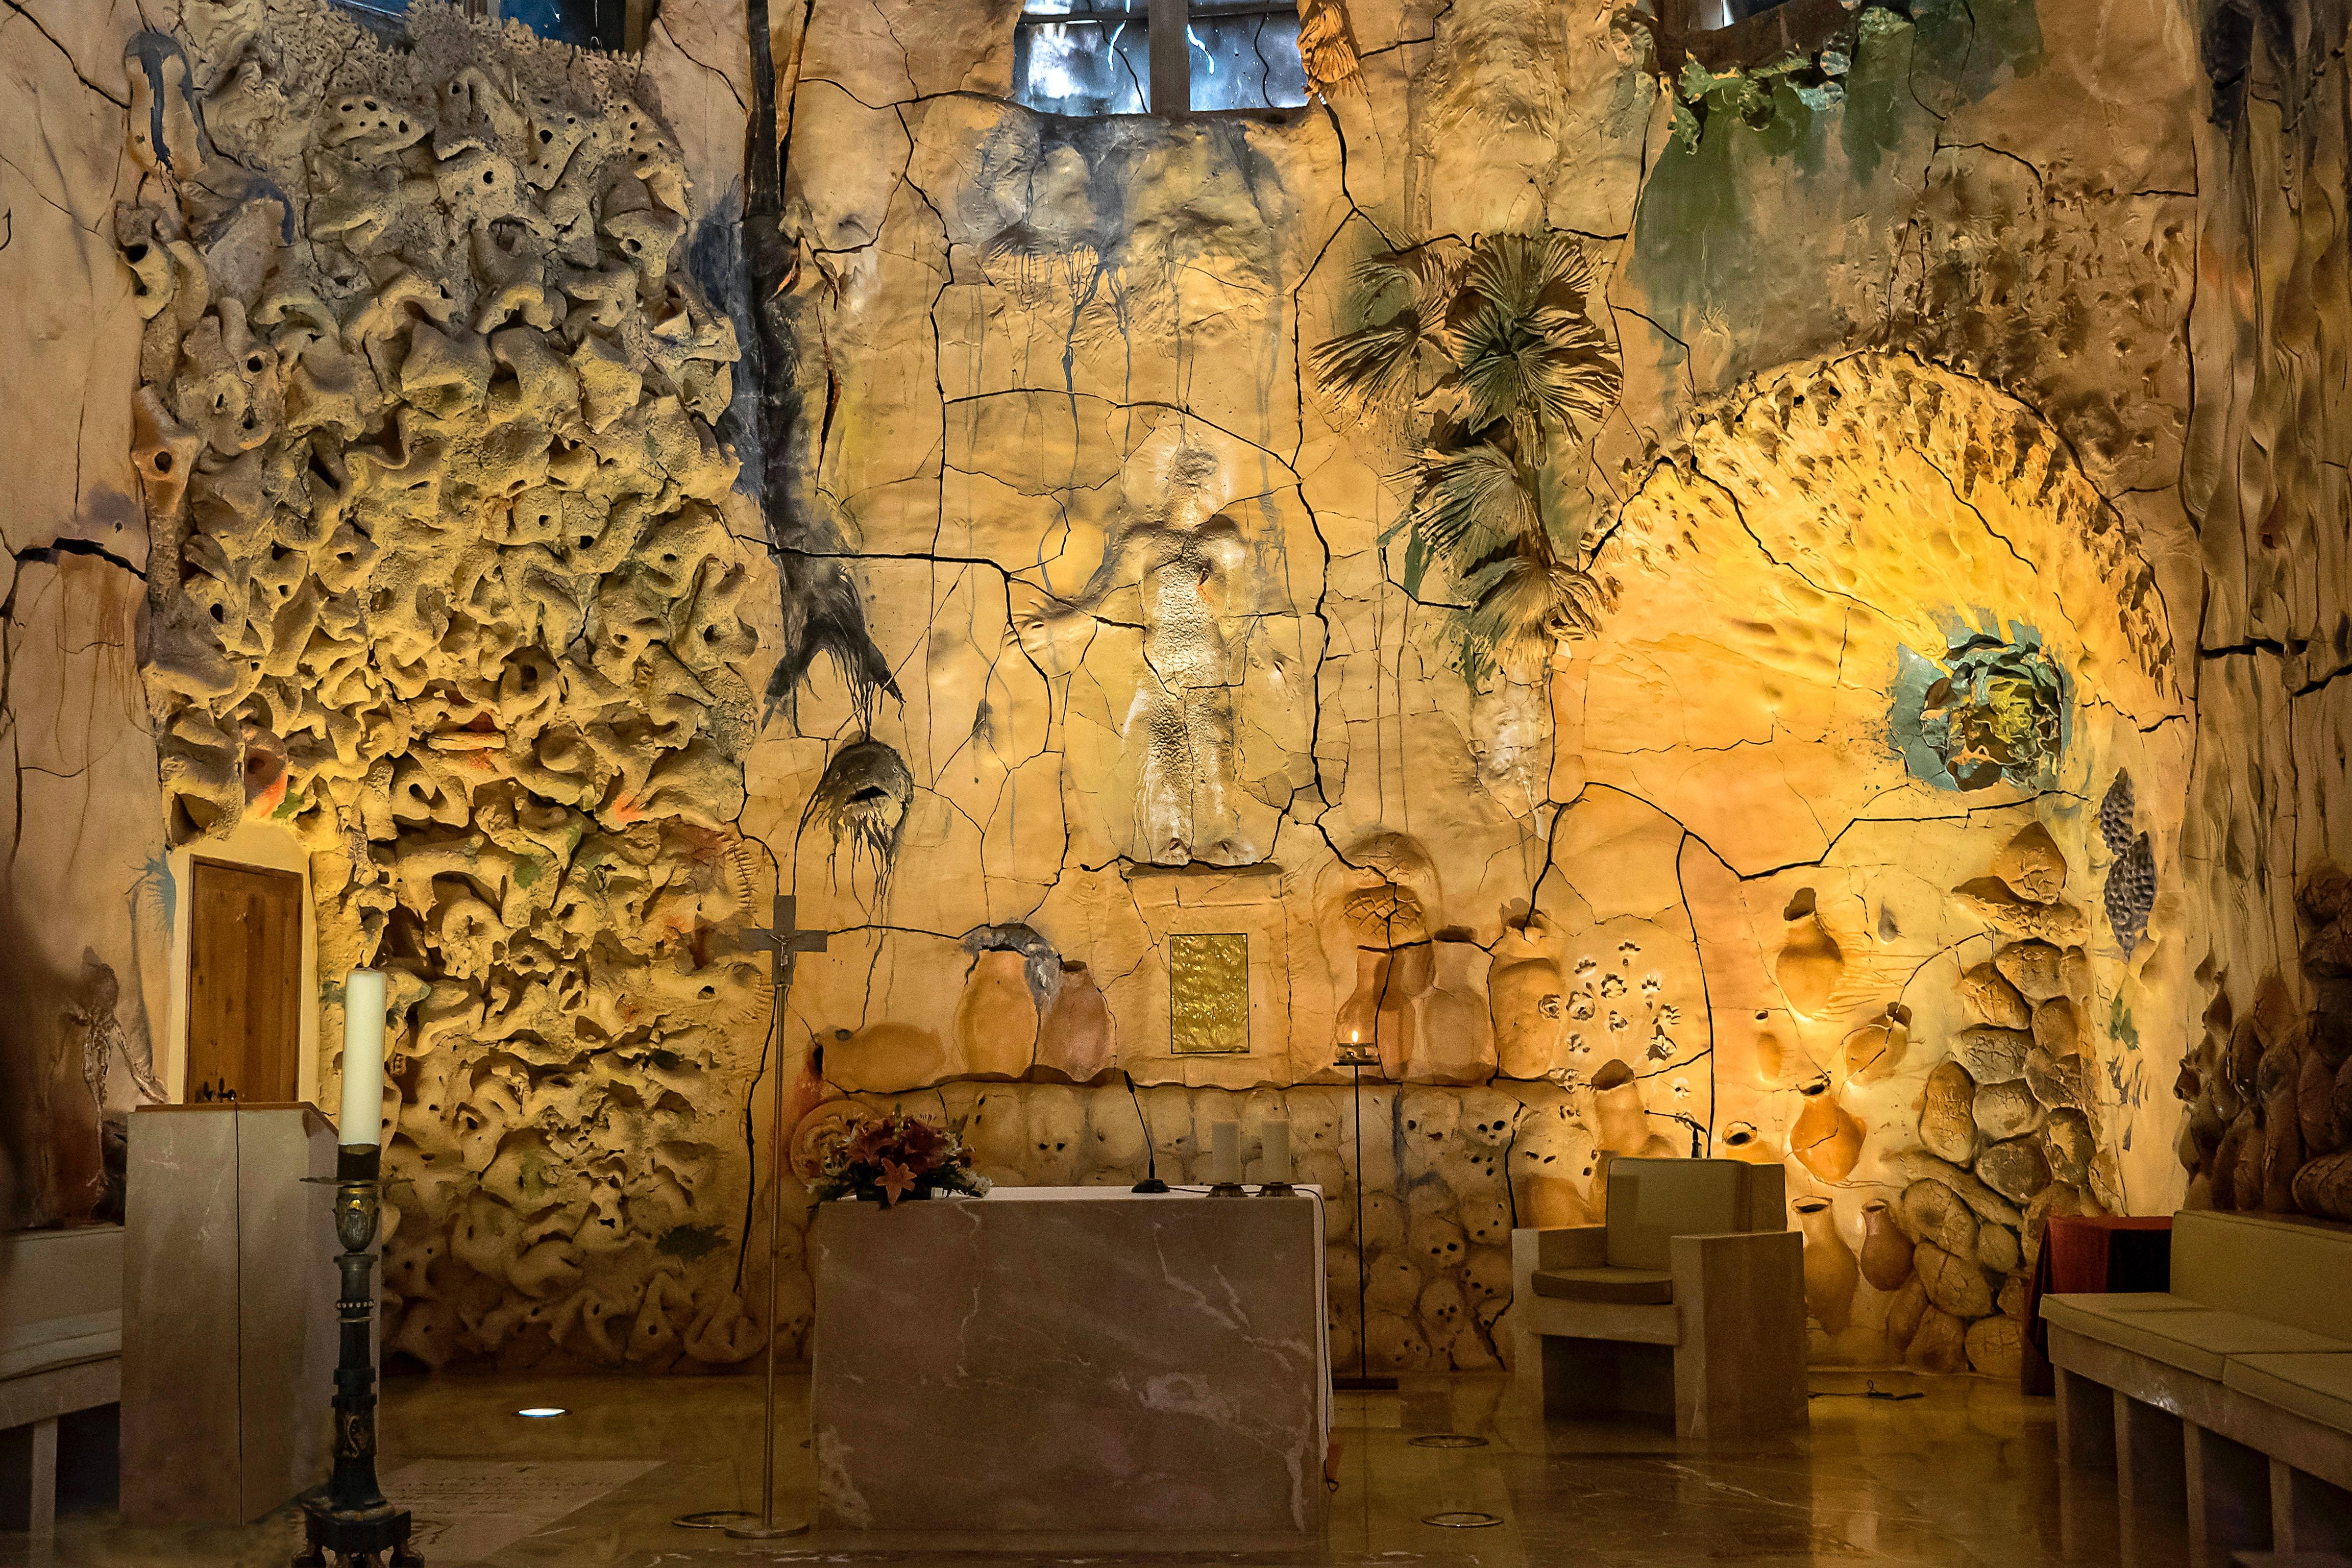 Mural de la catedral de Palma de Mallorca